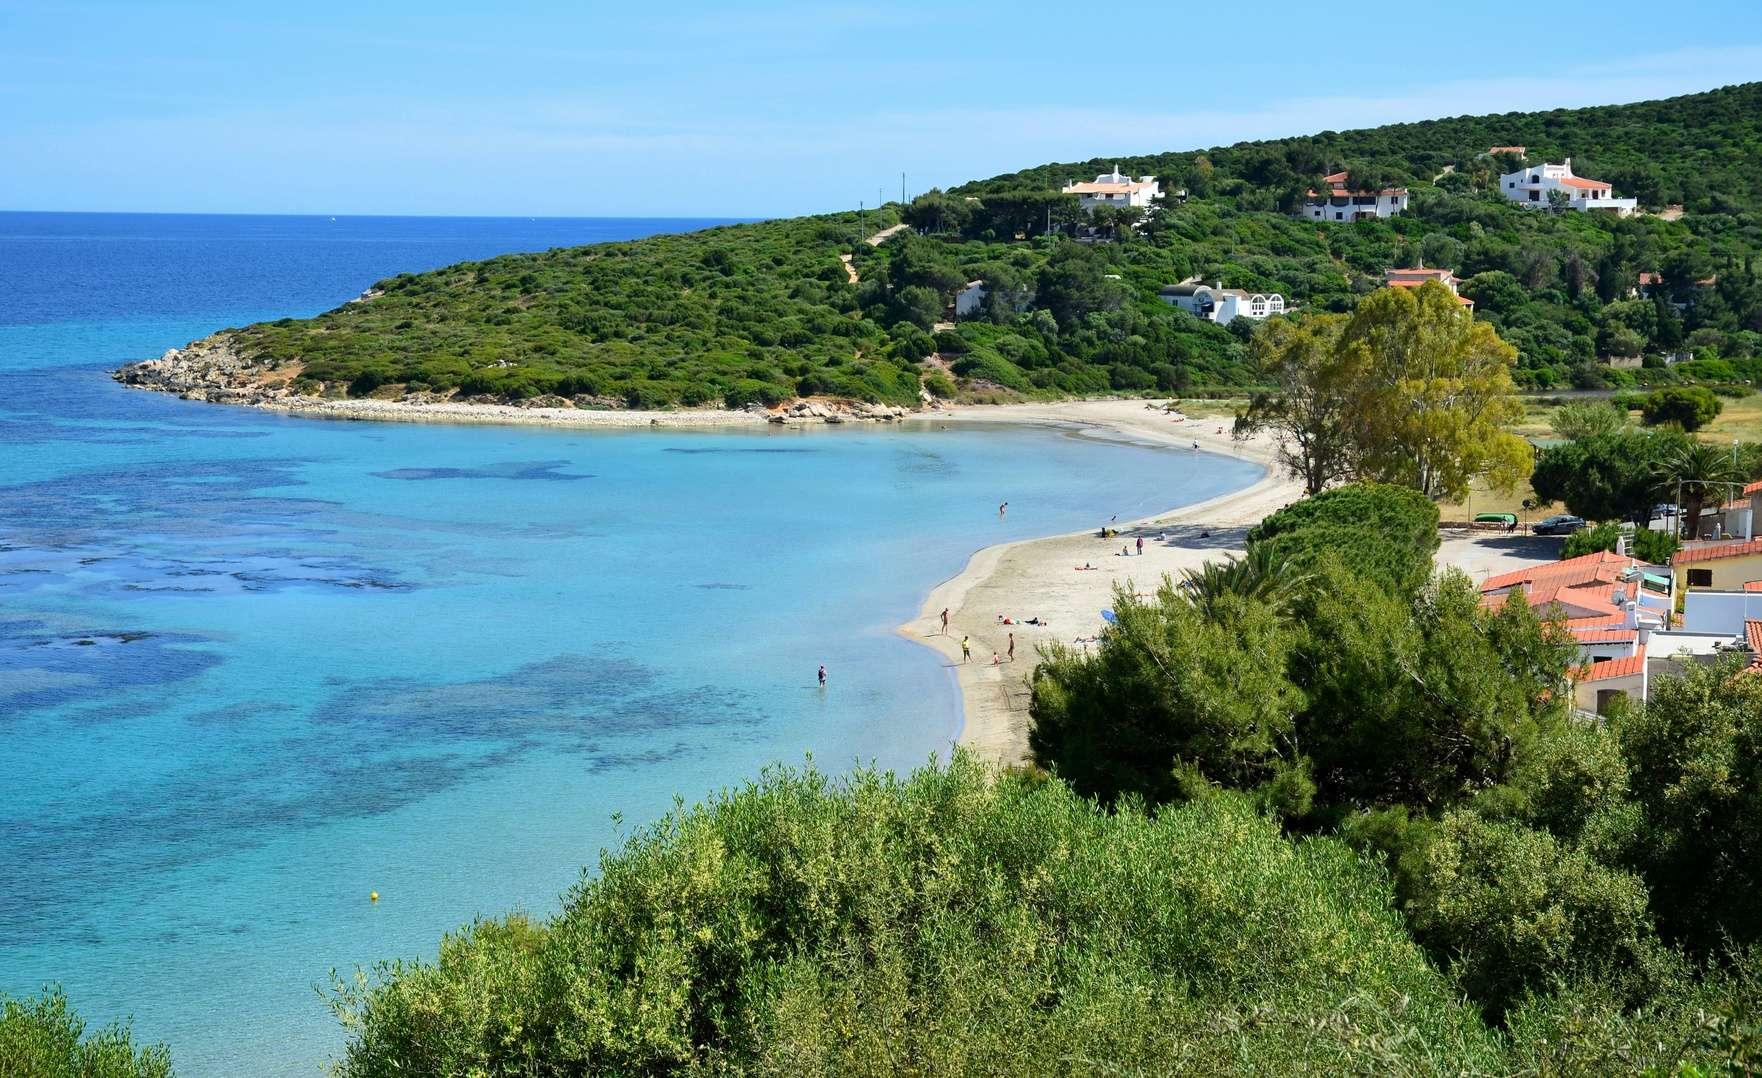 Sant'Antioco vacanza relax tra mare blu cobalto e gastronomia eccelsa